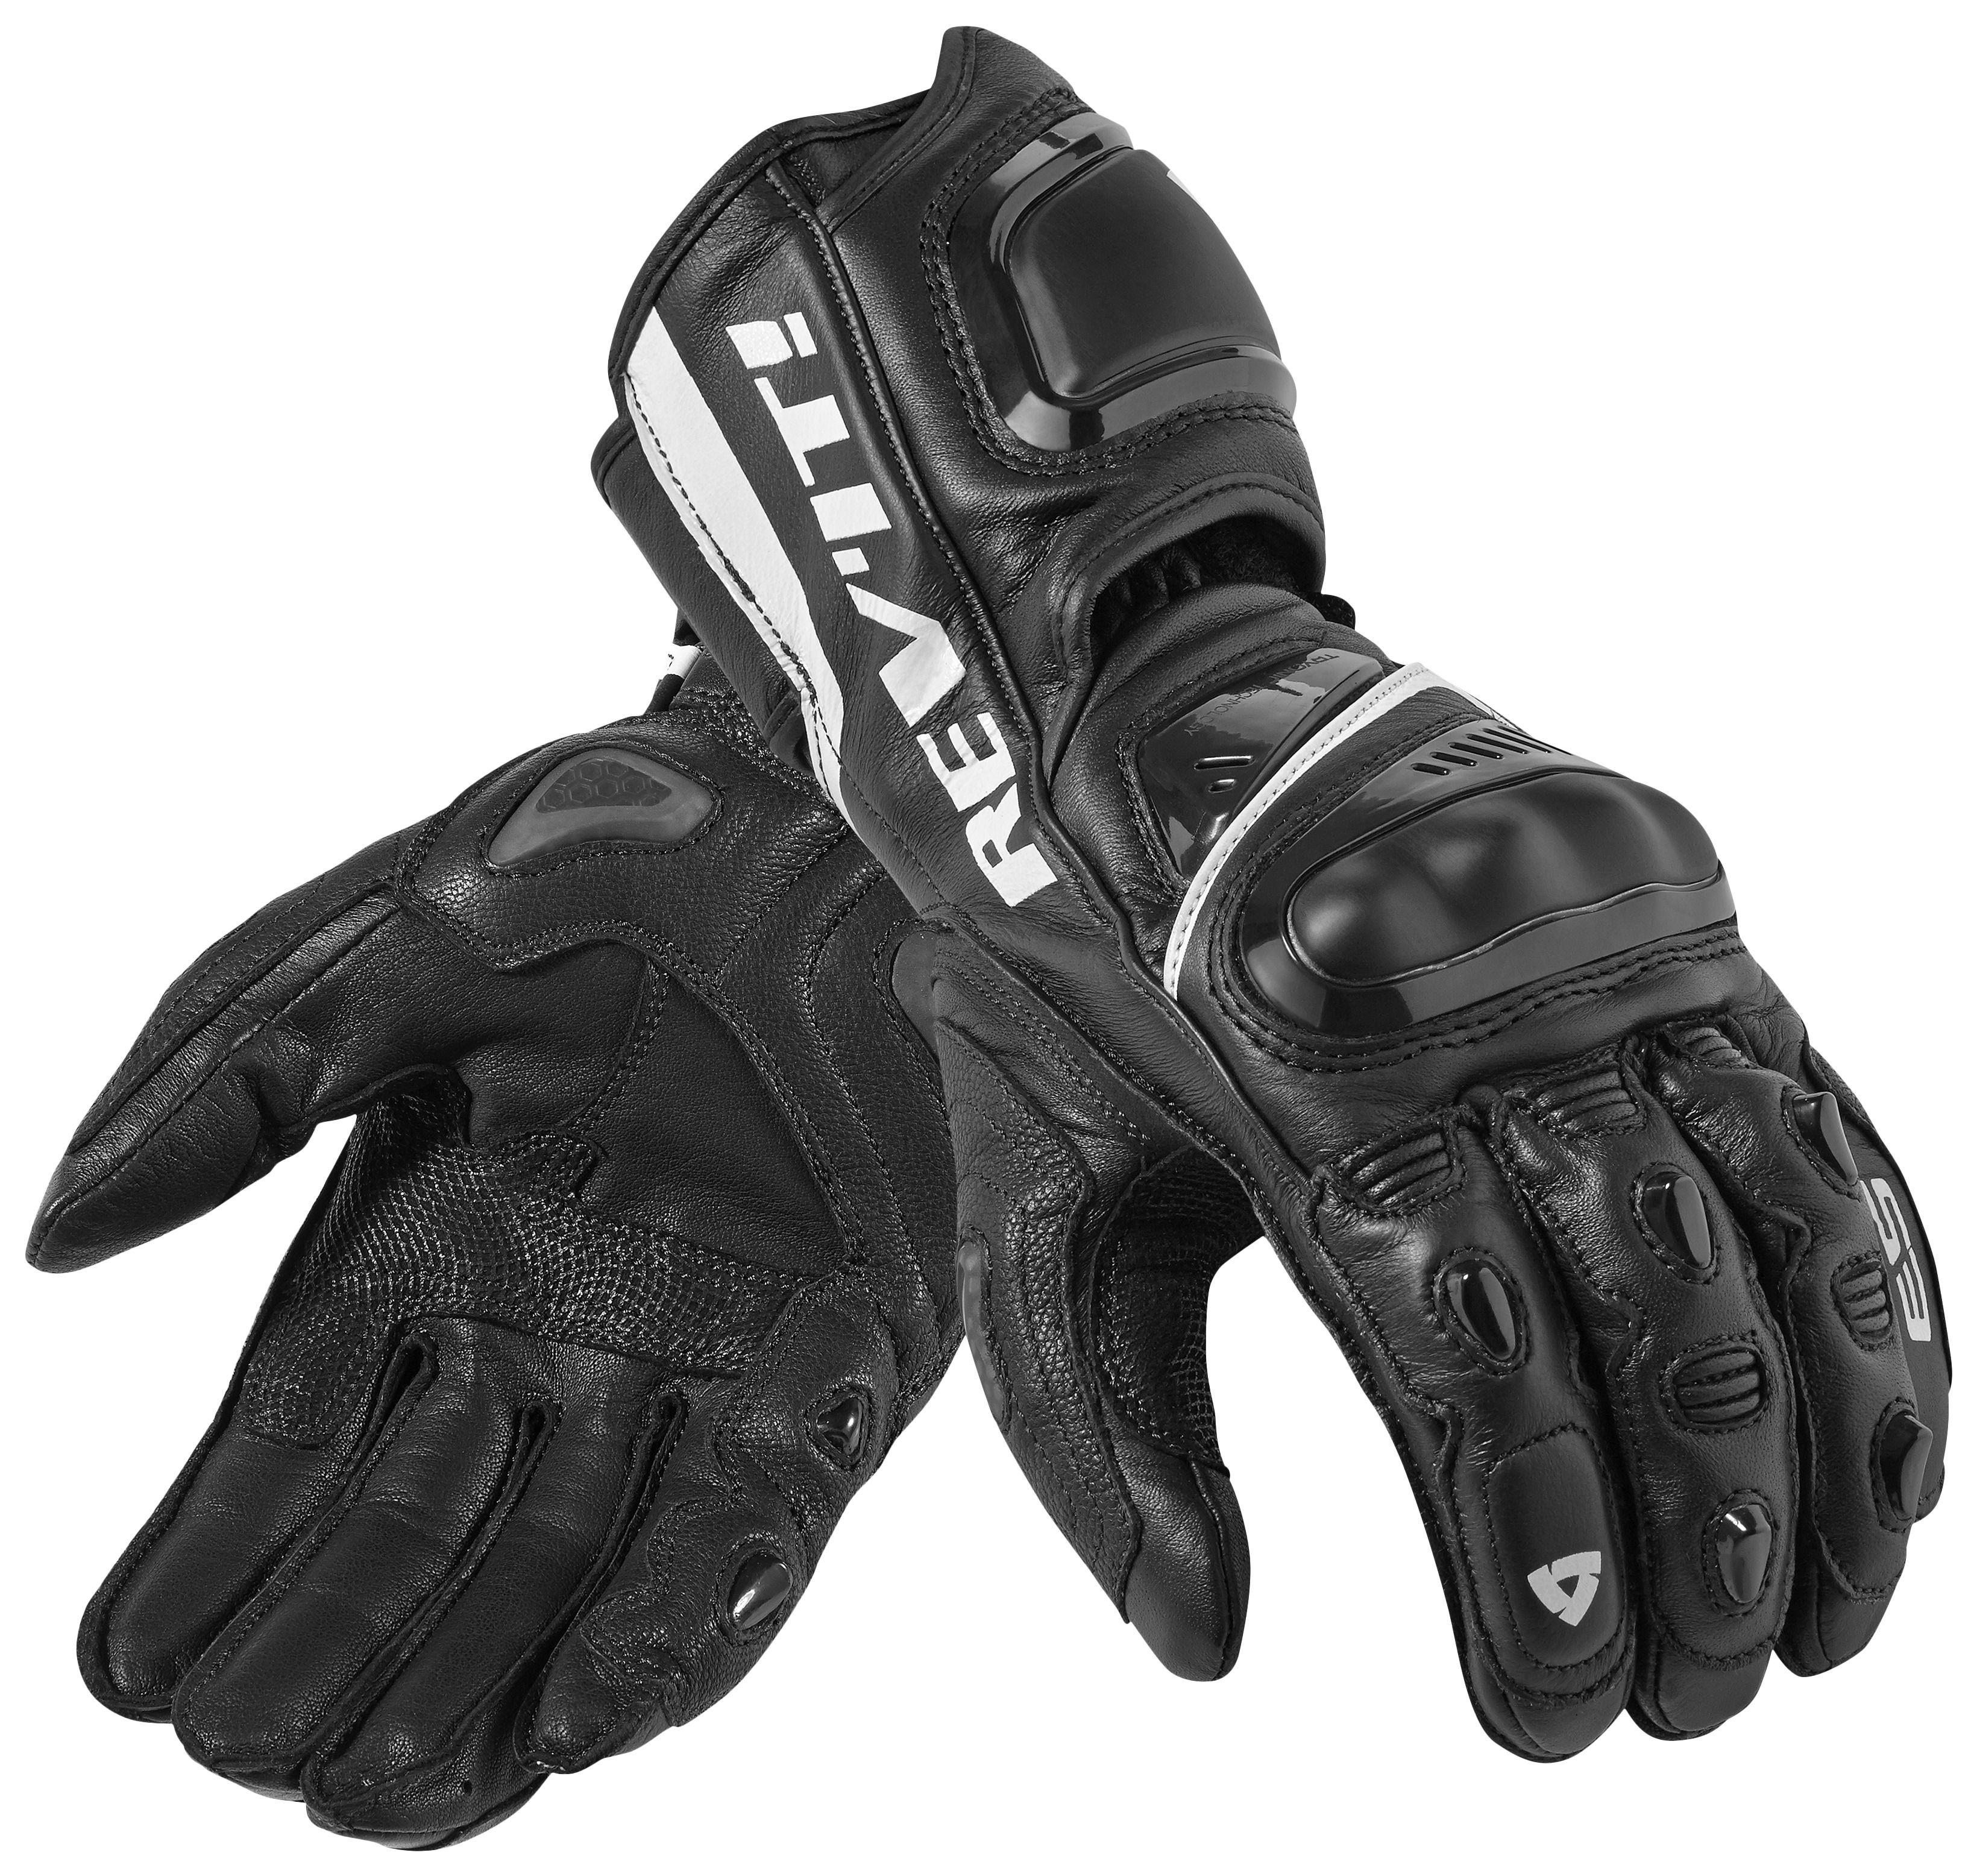 Motorcycle gloves double cuff - Jerez Pro Gloves Revzilla